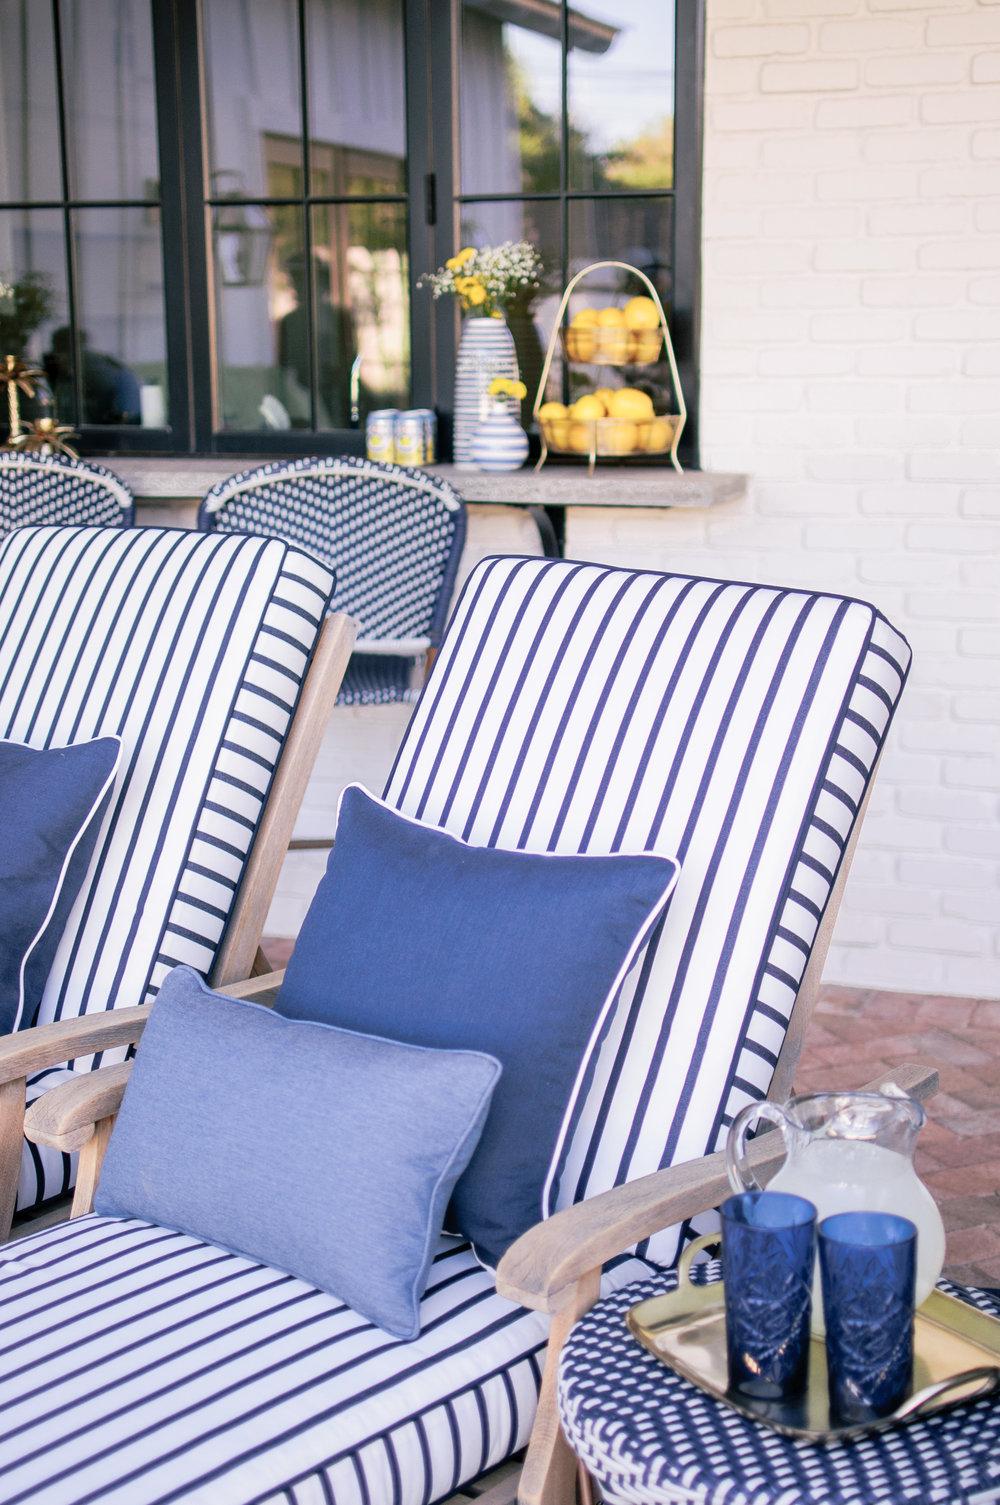 Calico Sunbrella Stripe Lido Fabric in Indigo